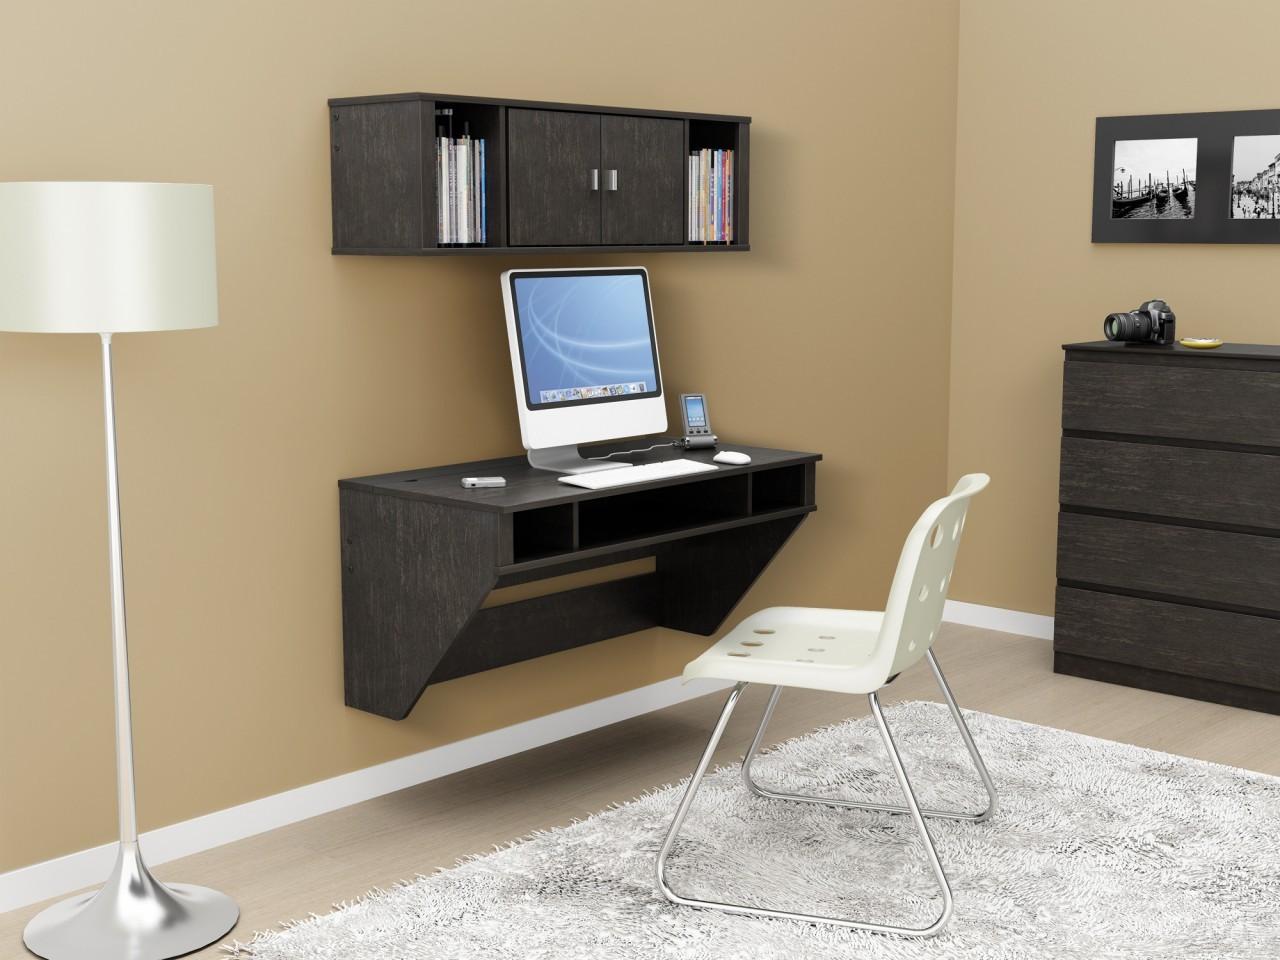 fascinerende-møbler-ikea-træ-computer-skriveborde-til-små-rum-hjem-office-med-sort-træ-kabinet-4-skuffe-over-træ-gulv-og-sort-træ-floating-computer- skrivebord, være udstyret-storage-hylder-al